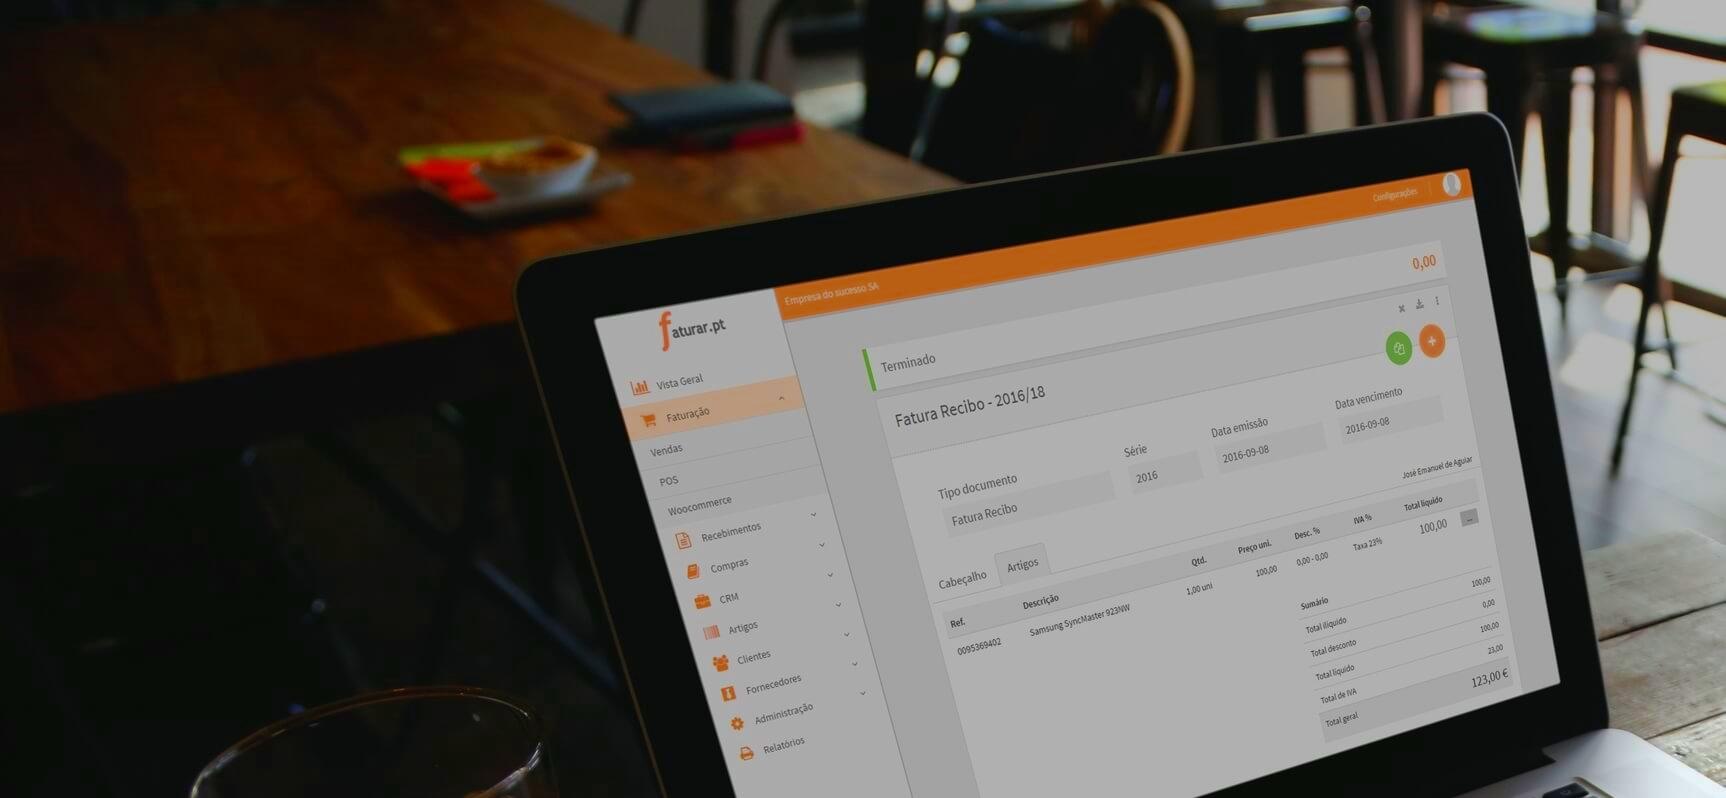 Faturar.pt - Software de faturação online